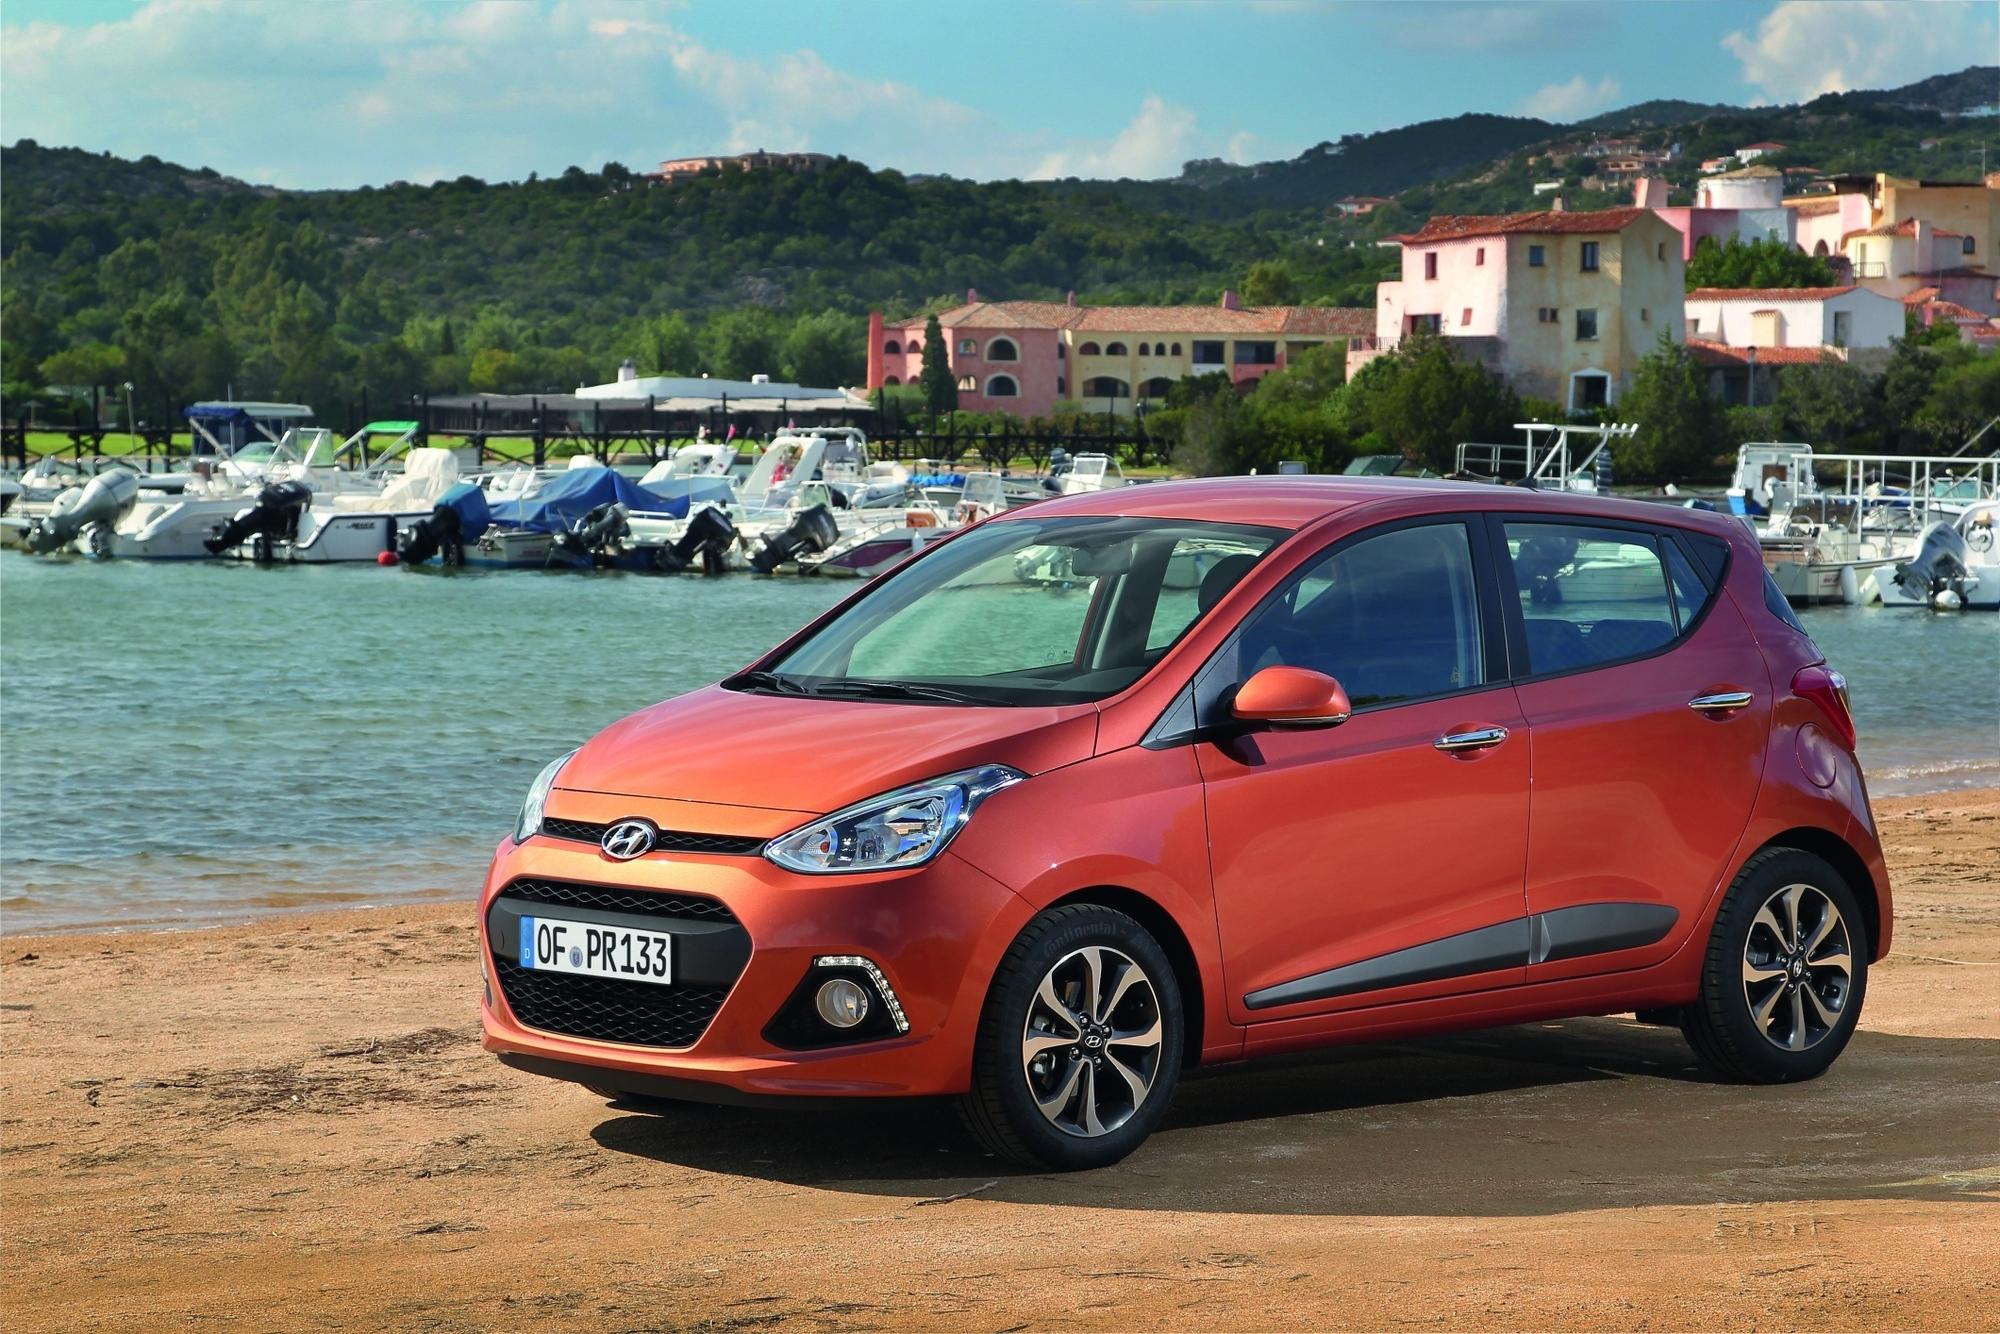 mid Groß-Gerau - Kleiner Farbtupfer vor malerischer Kulisse: Hyundai hat insgesamt 67 unterschiedliche Farbtöne im Angebot.